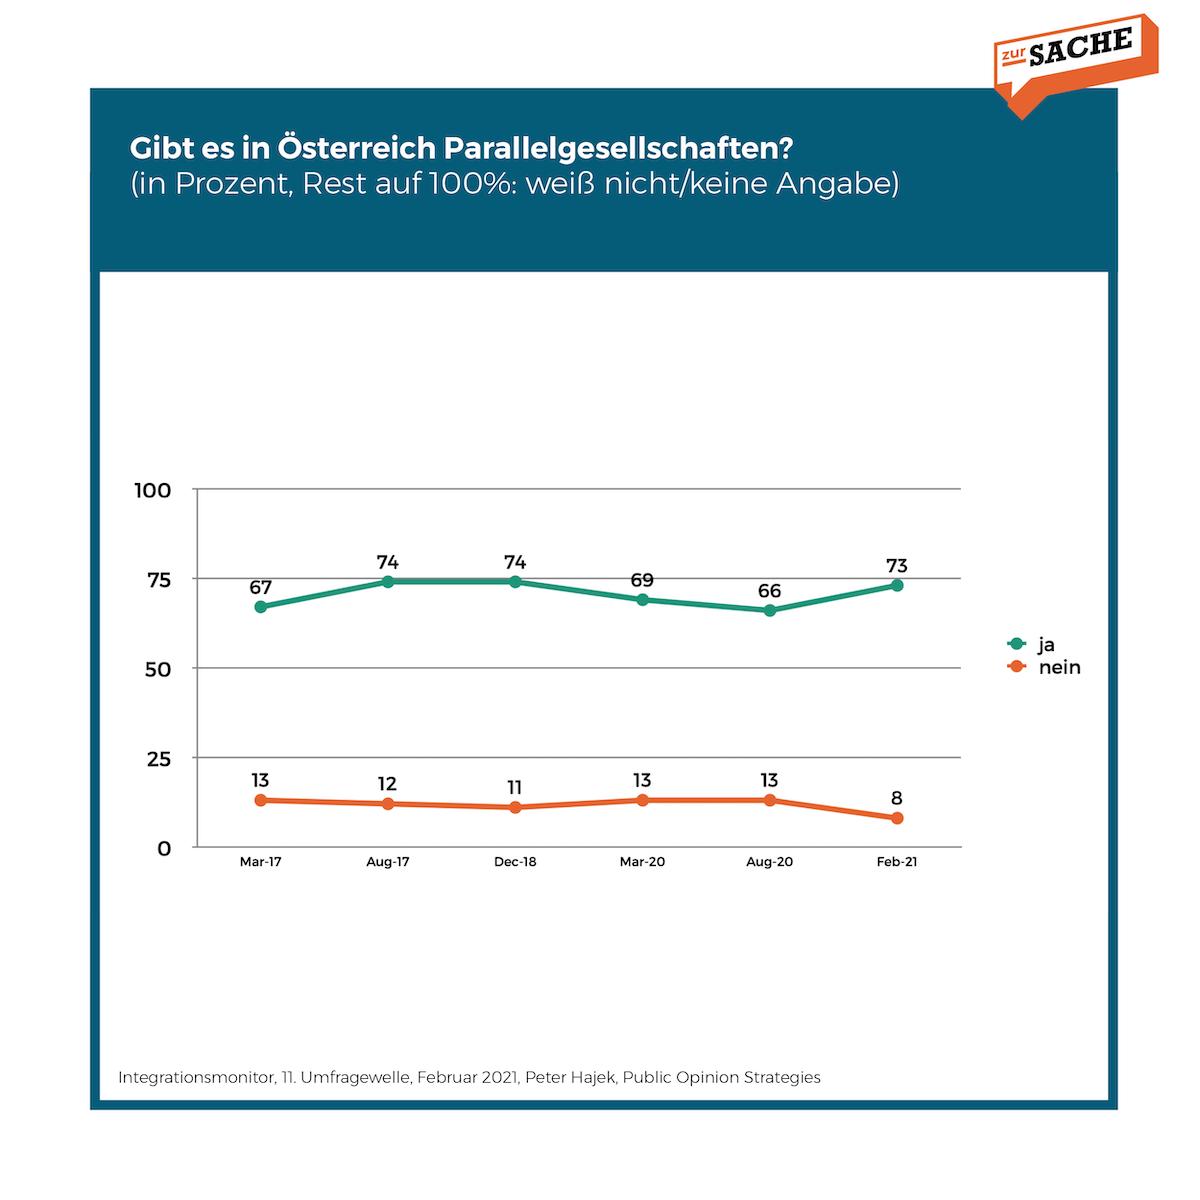 Integrationsbarometer: Einschätzung von Parallelgesellschaften; Grafik: Zur-Sache